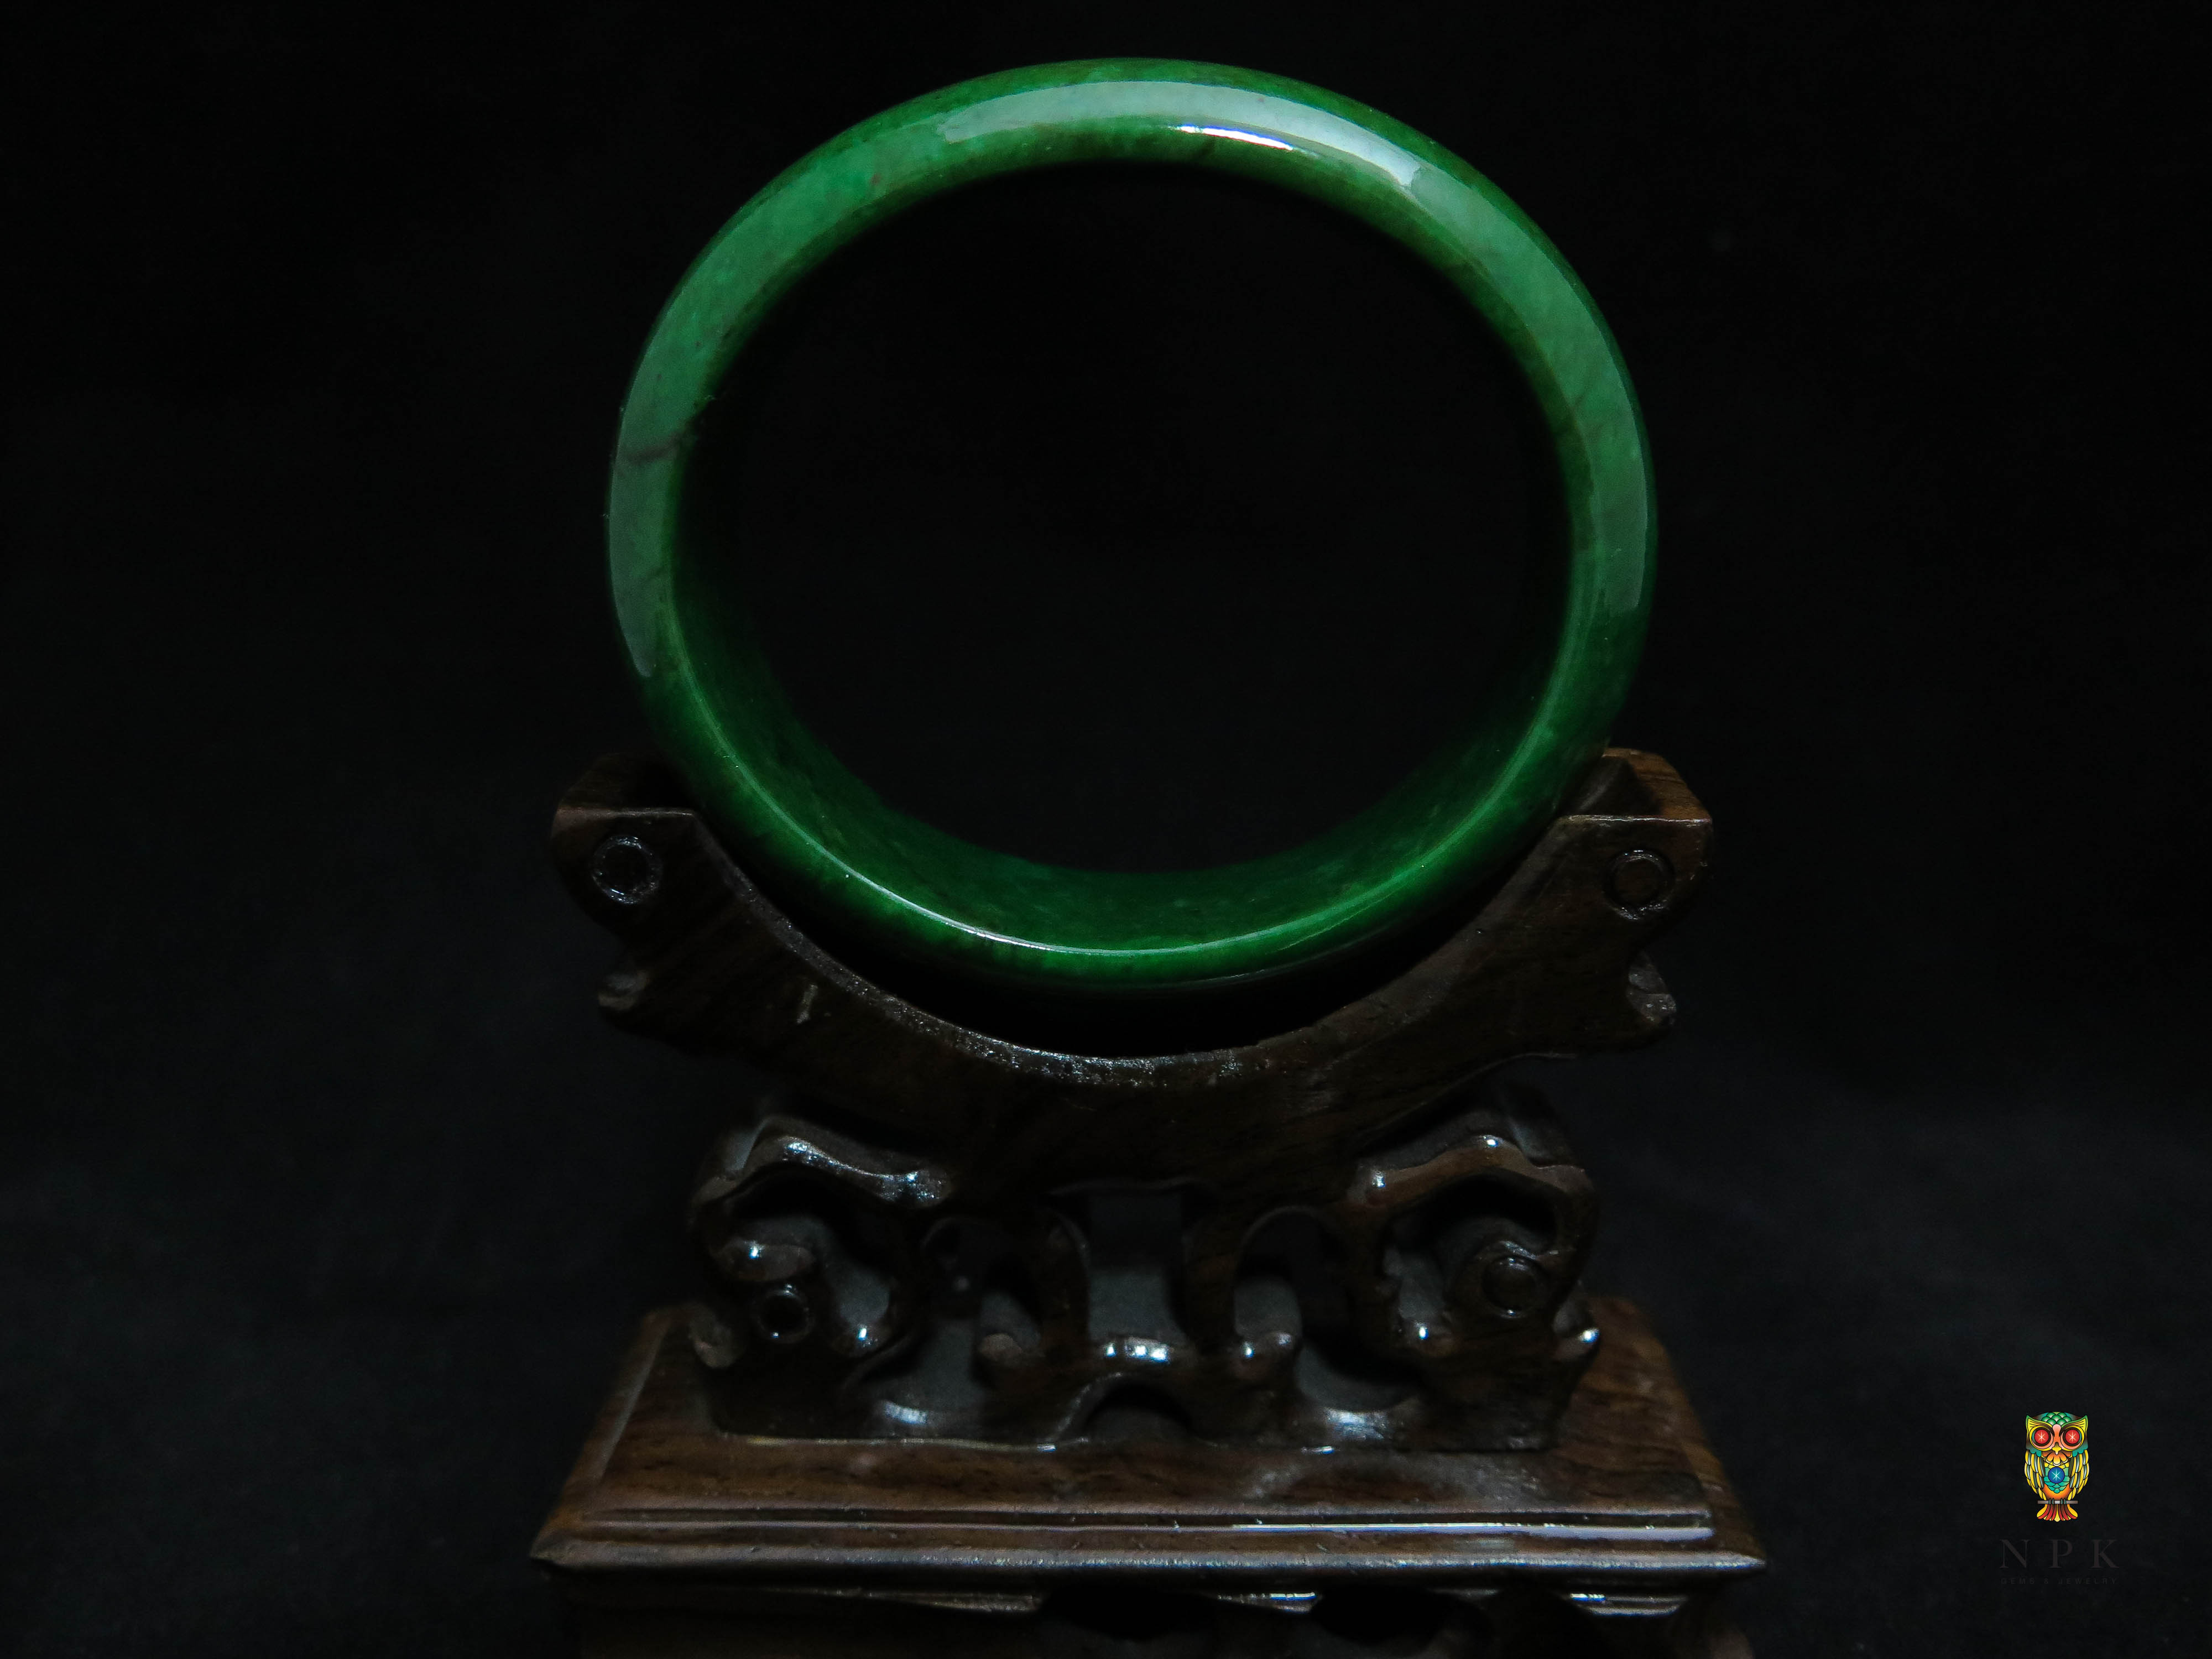 กำไลหยกพม่าเขียวเข้มจักรพรรดิ์ (Burma jade bangle)